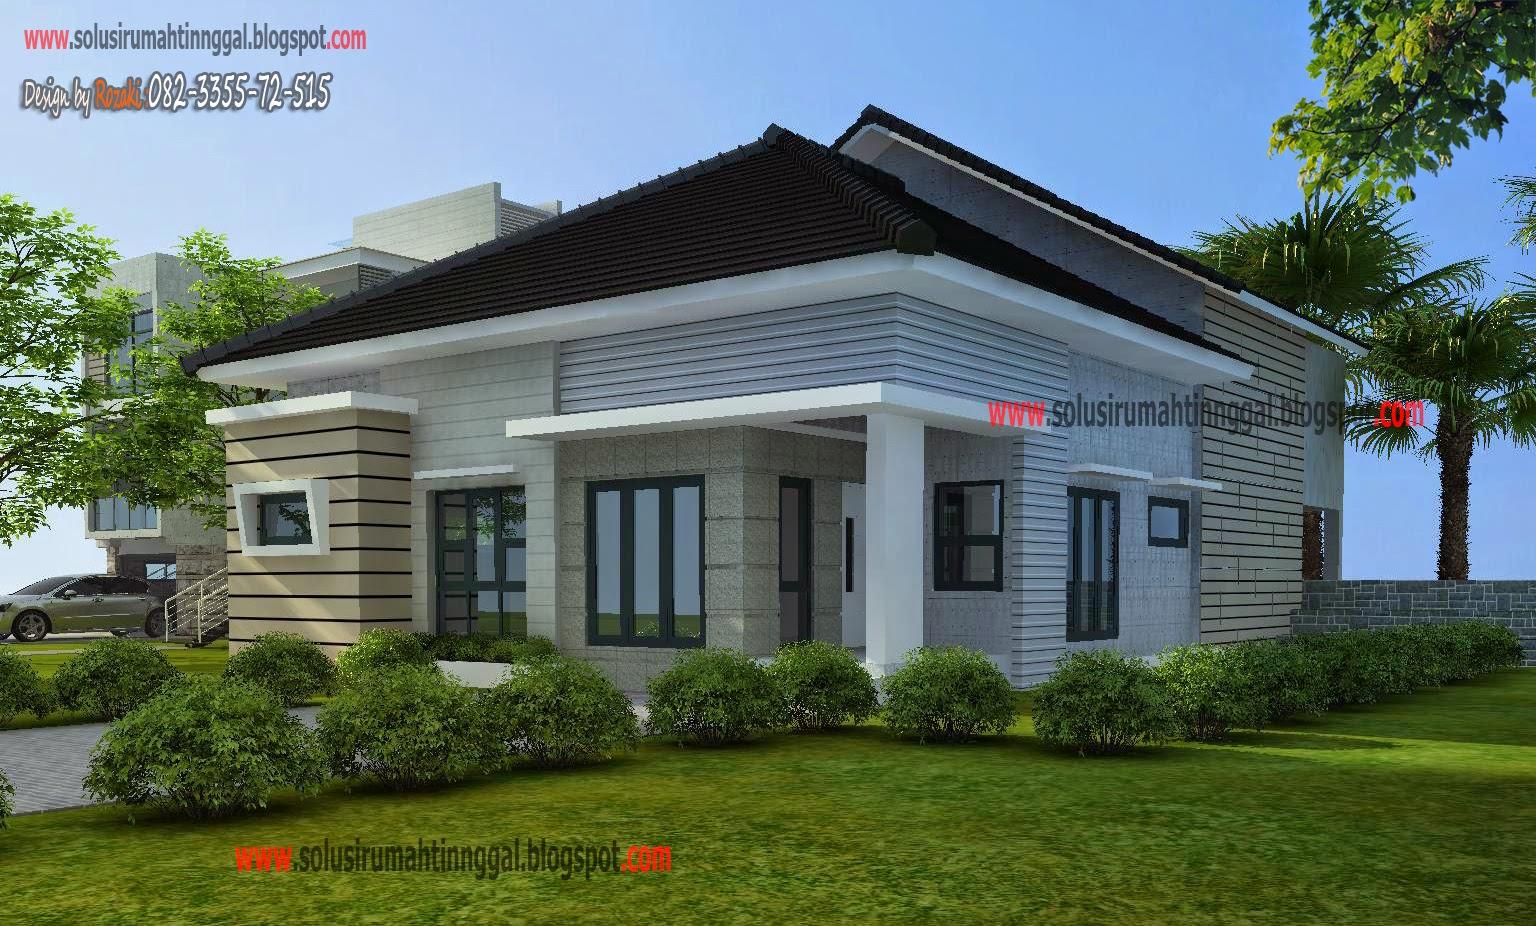 Rumah Mezzanine Minimalis Layanan Jasa Gambar Arsitek Desain Konsep Satu